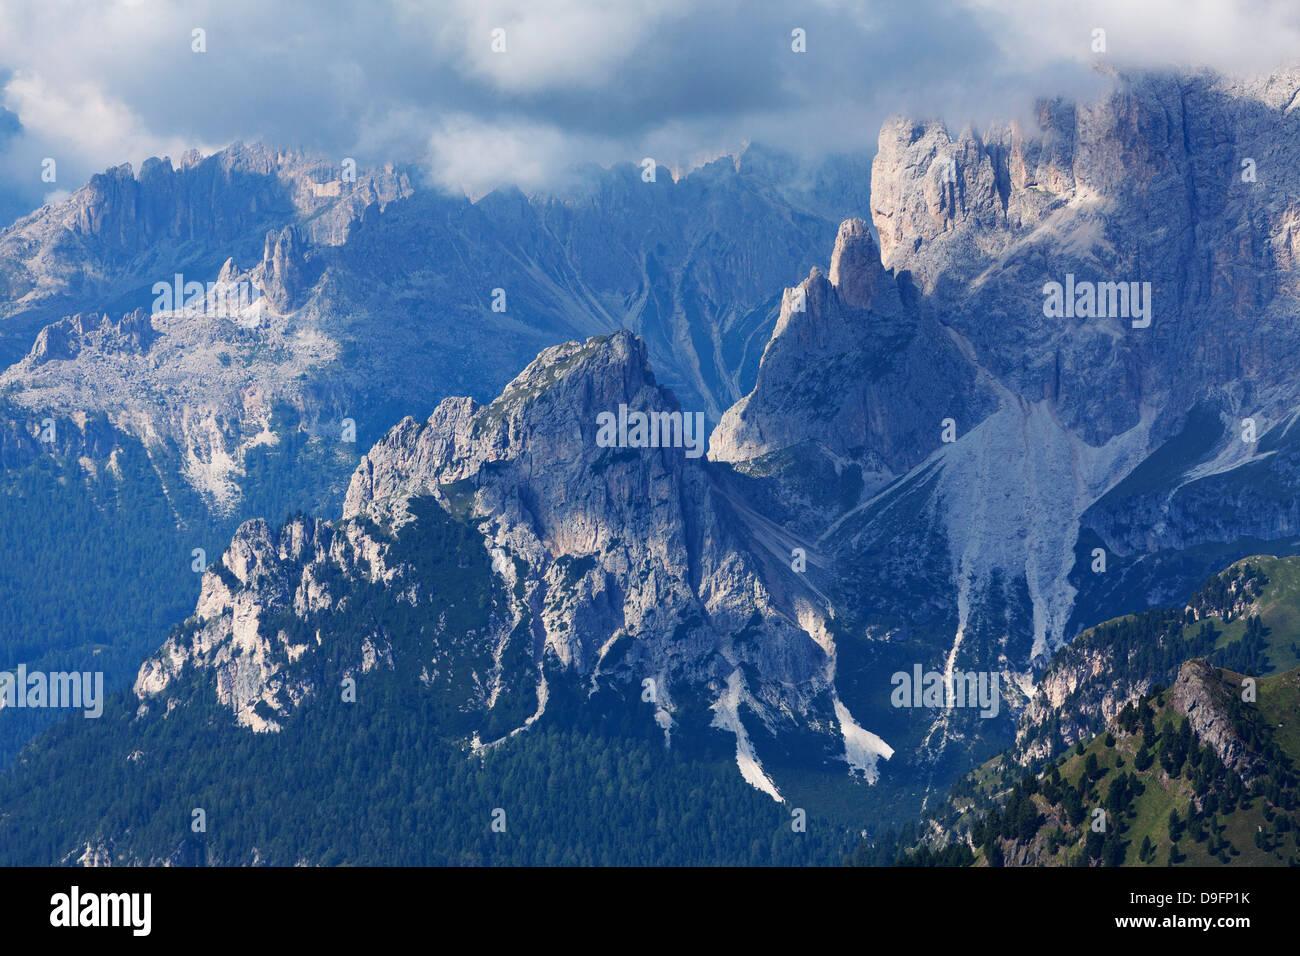 Le aspre cime del Catinaccio nelle Dolomiti vicino a Canazei, Trentino-Alto Adige, Italia Immagini Stock